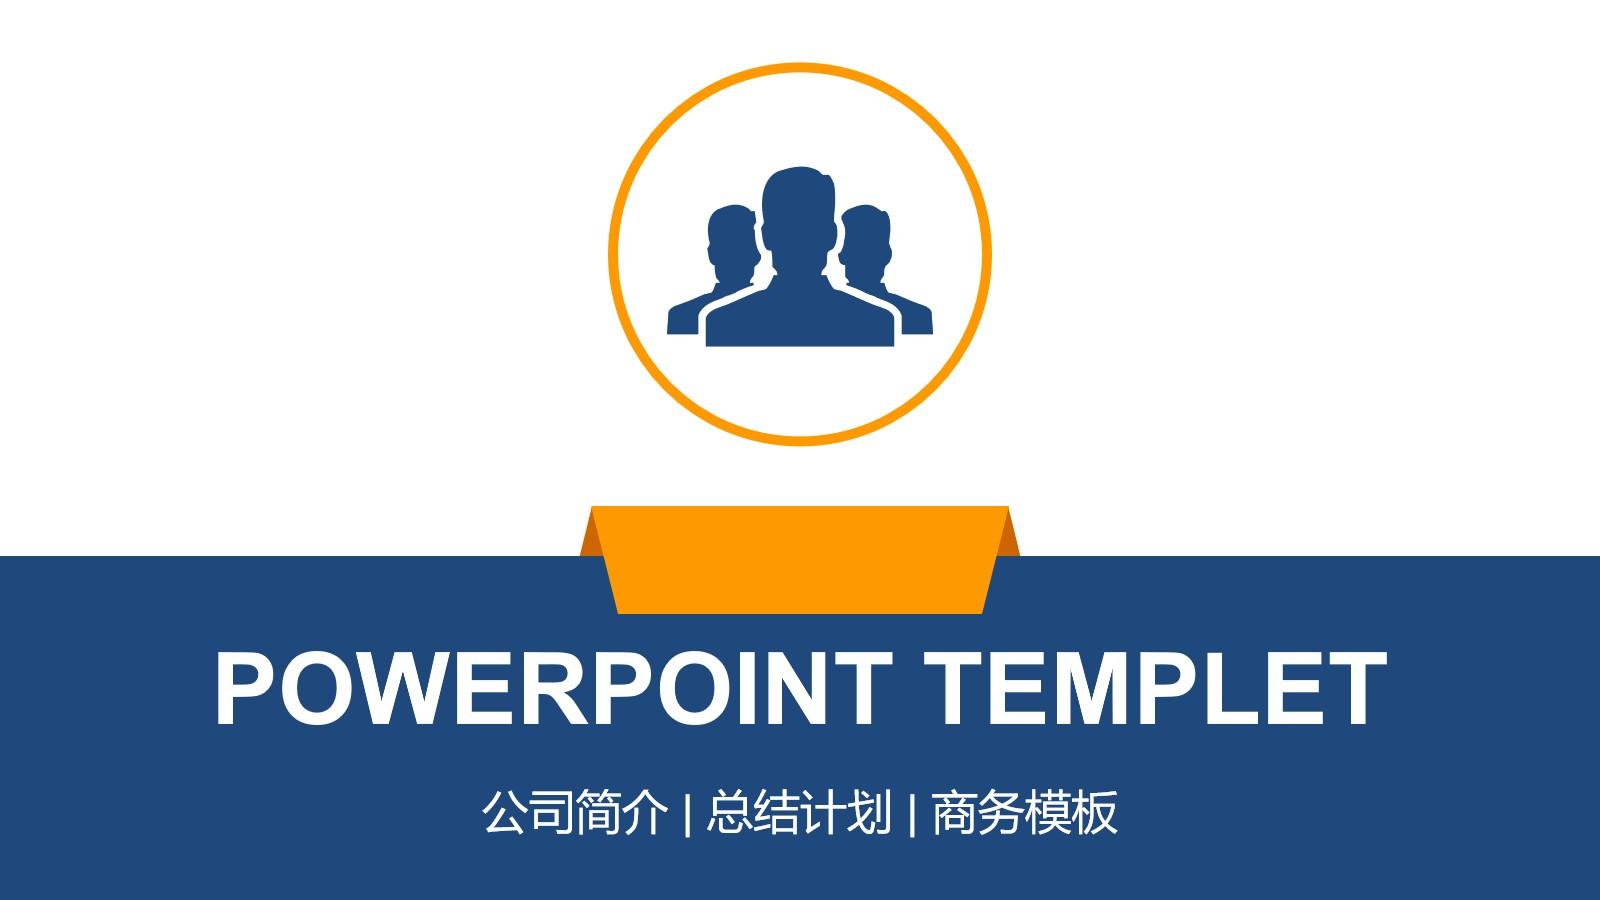 蓝橙扁平化团队建设PPT